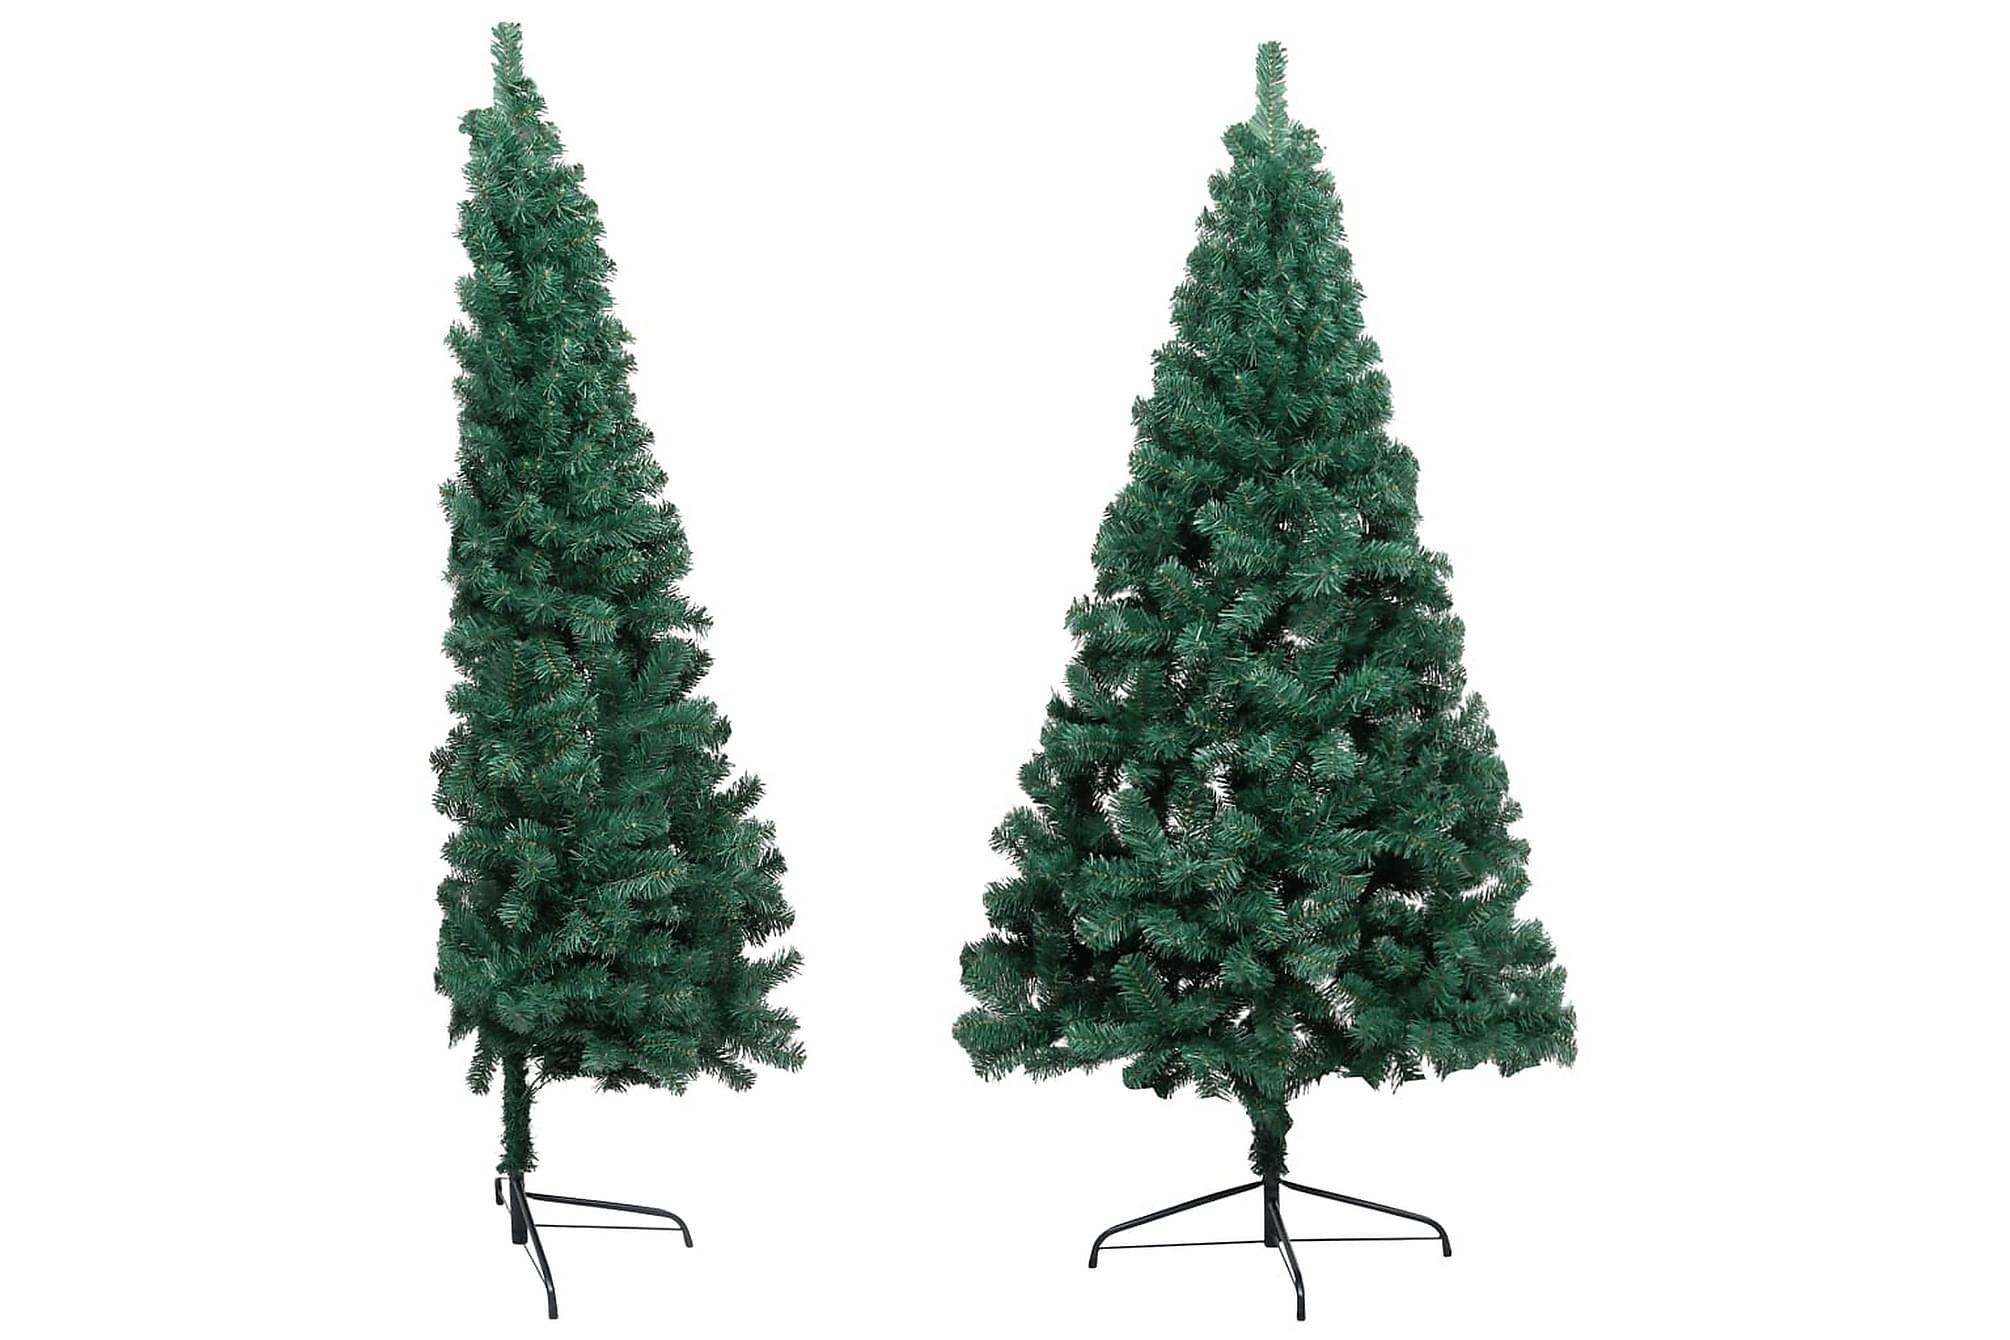 Halv plastgran med fot grön 150 cm PVC, Julpynt & juldekoration